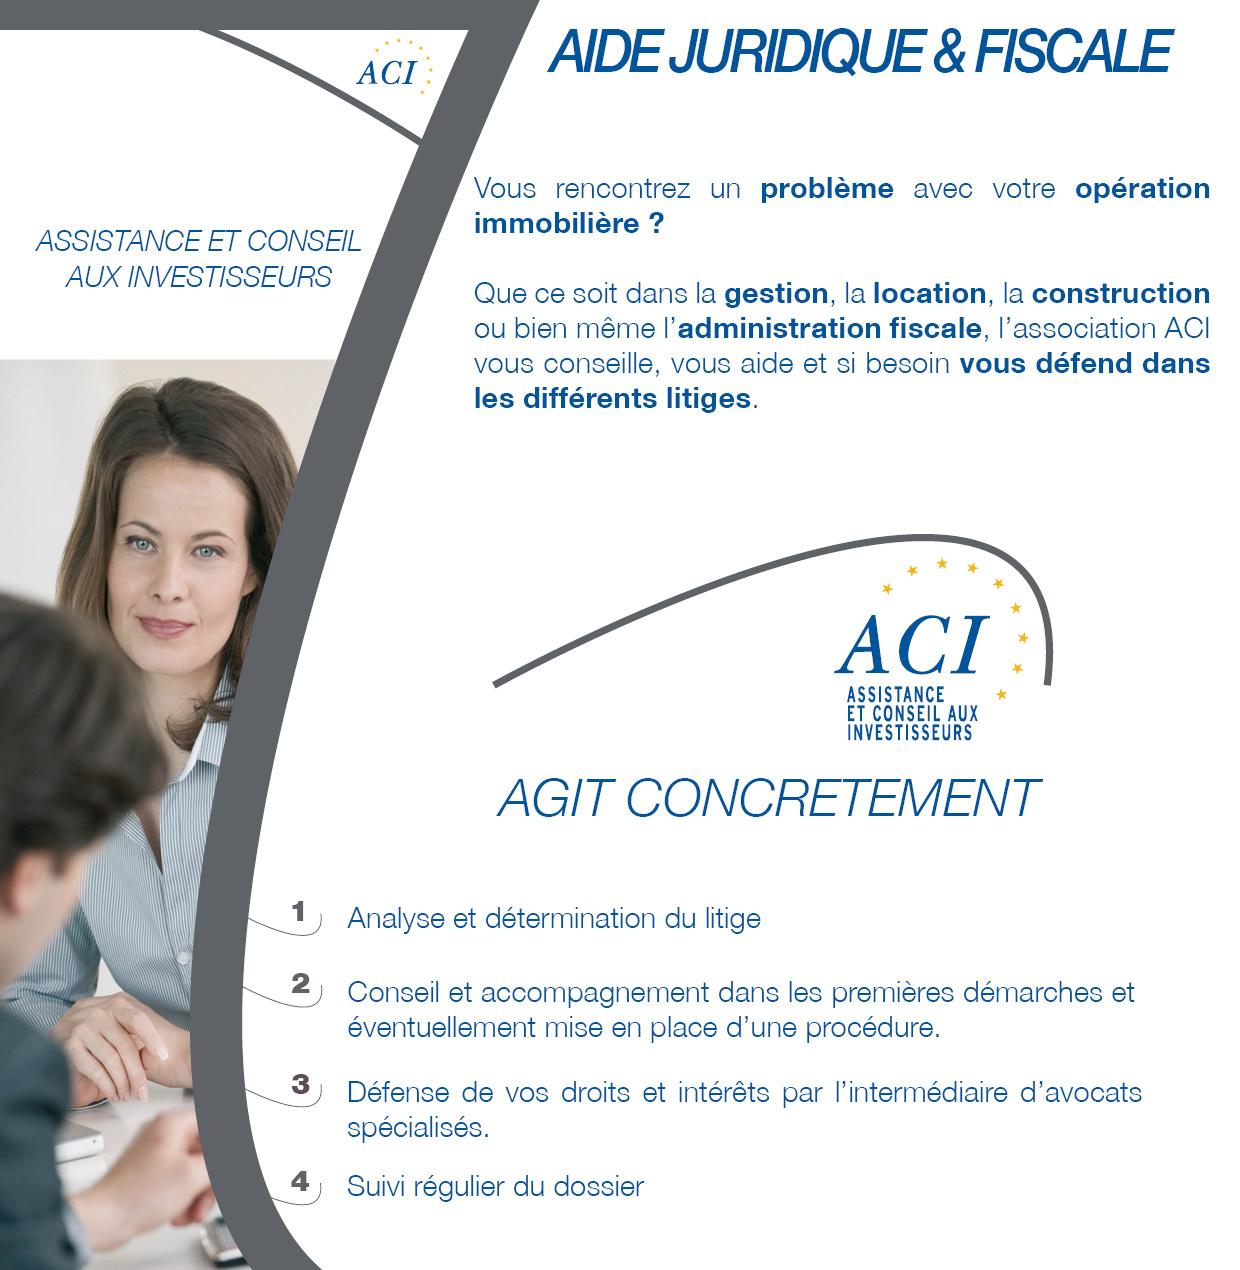 aide juridique et fiscale_ACI_2016